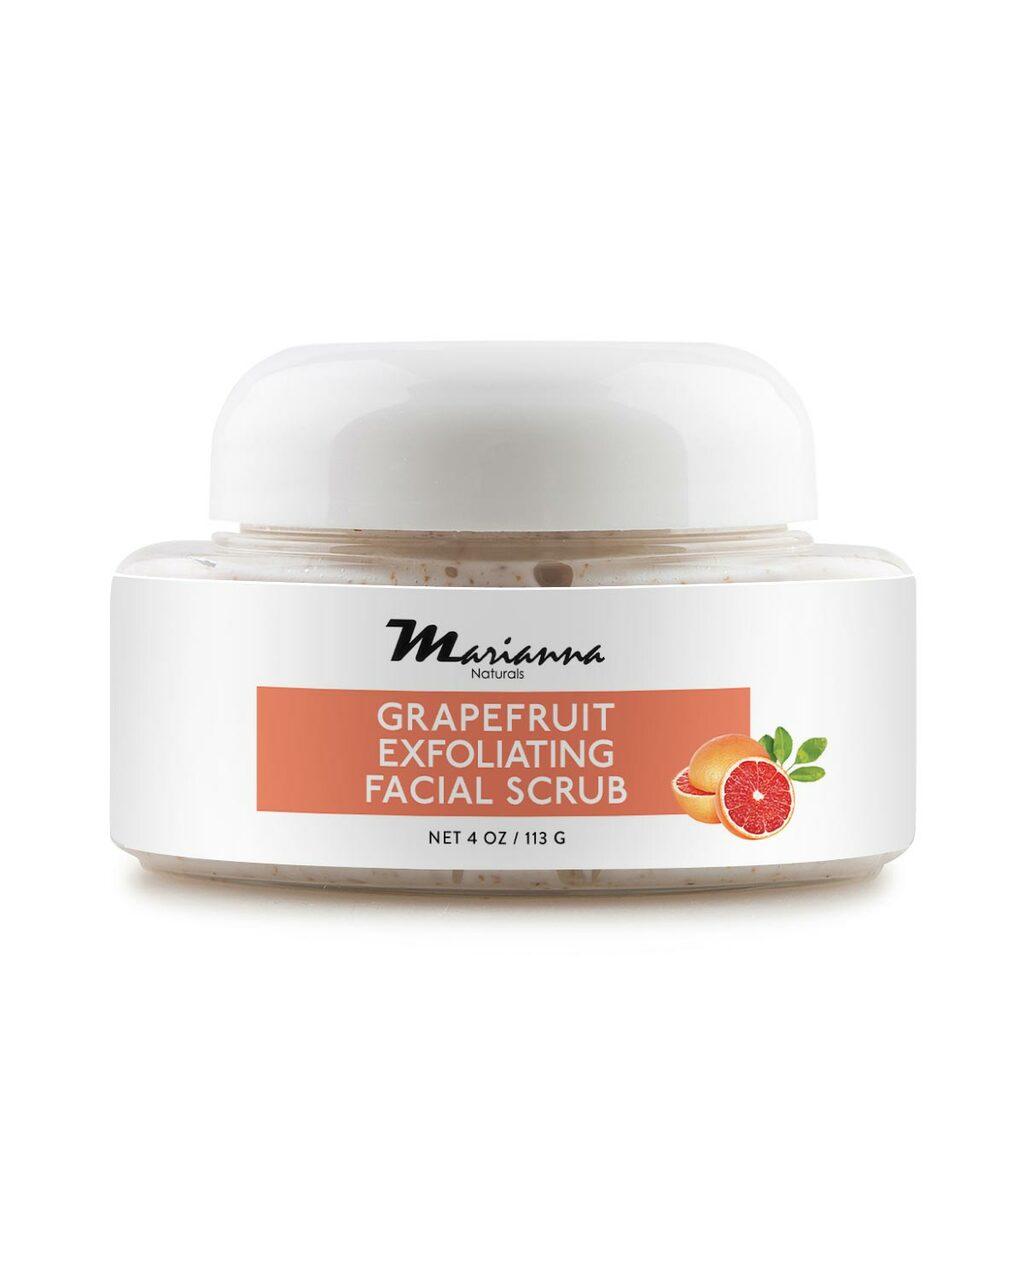 Grapefruit Exfoliating Facial Scrub - Primary Thumbnail